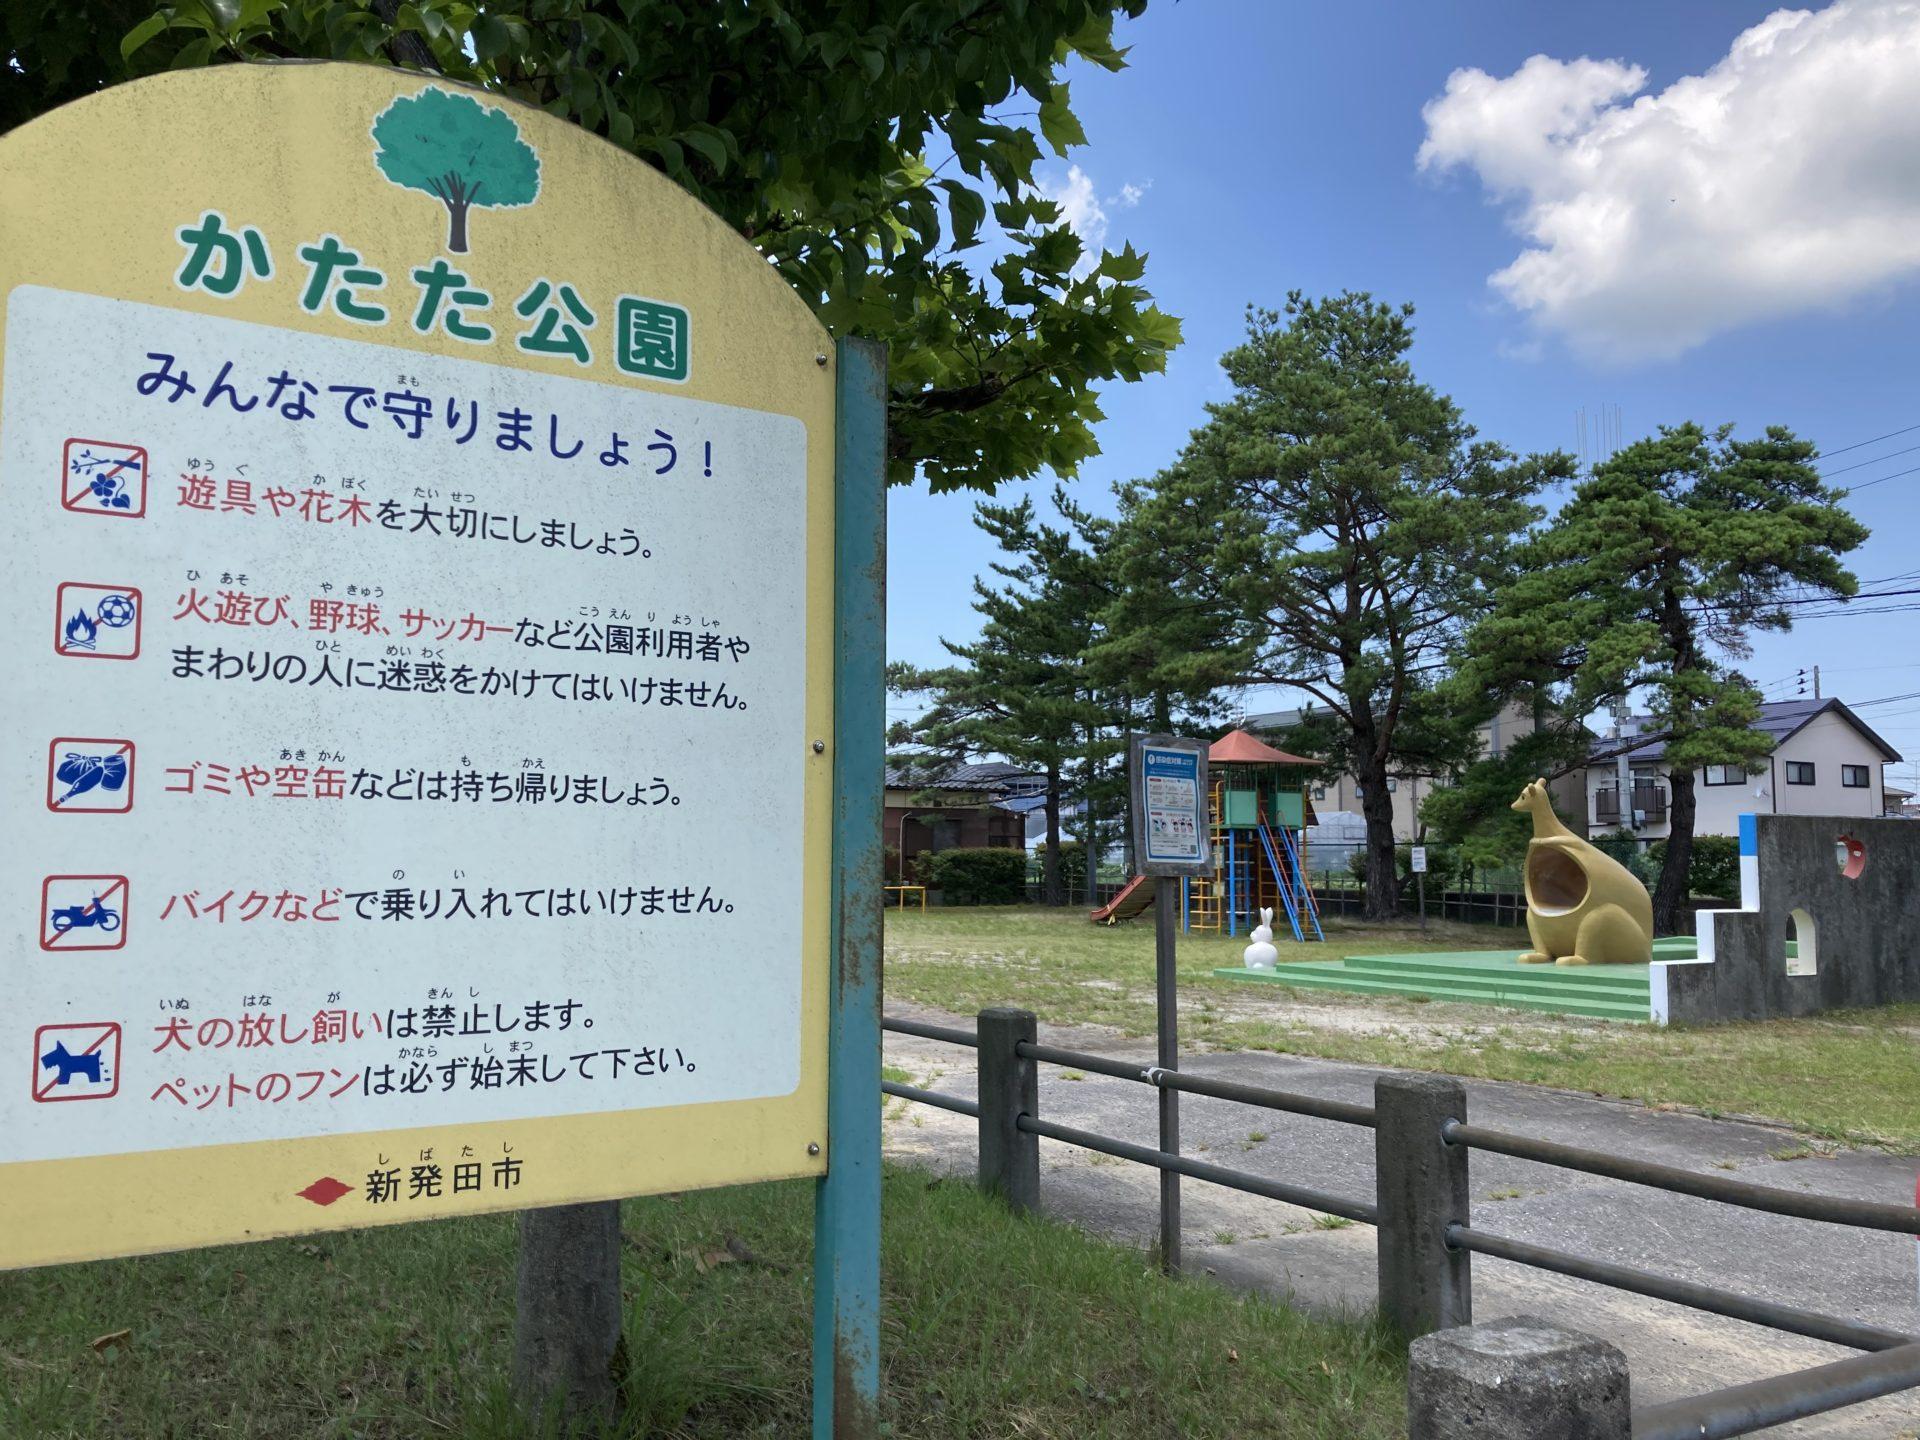 近くの公園はお子様を遊ばせるにはもってこい!